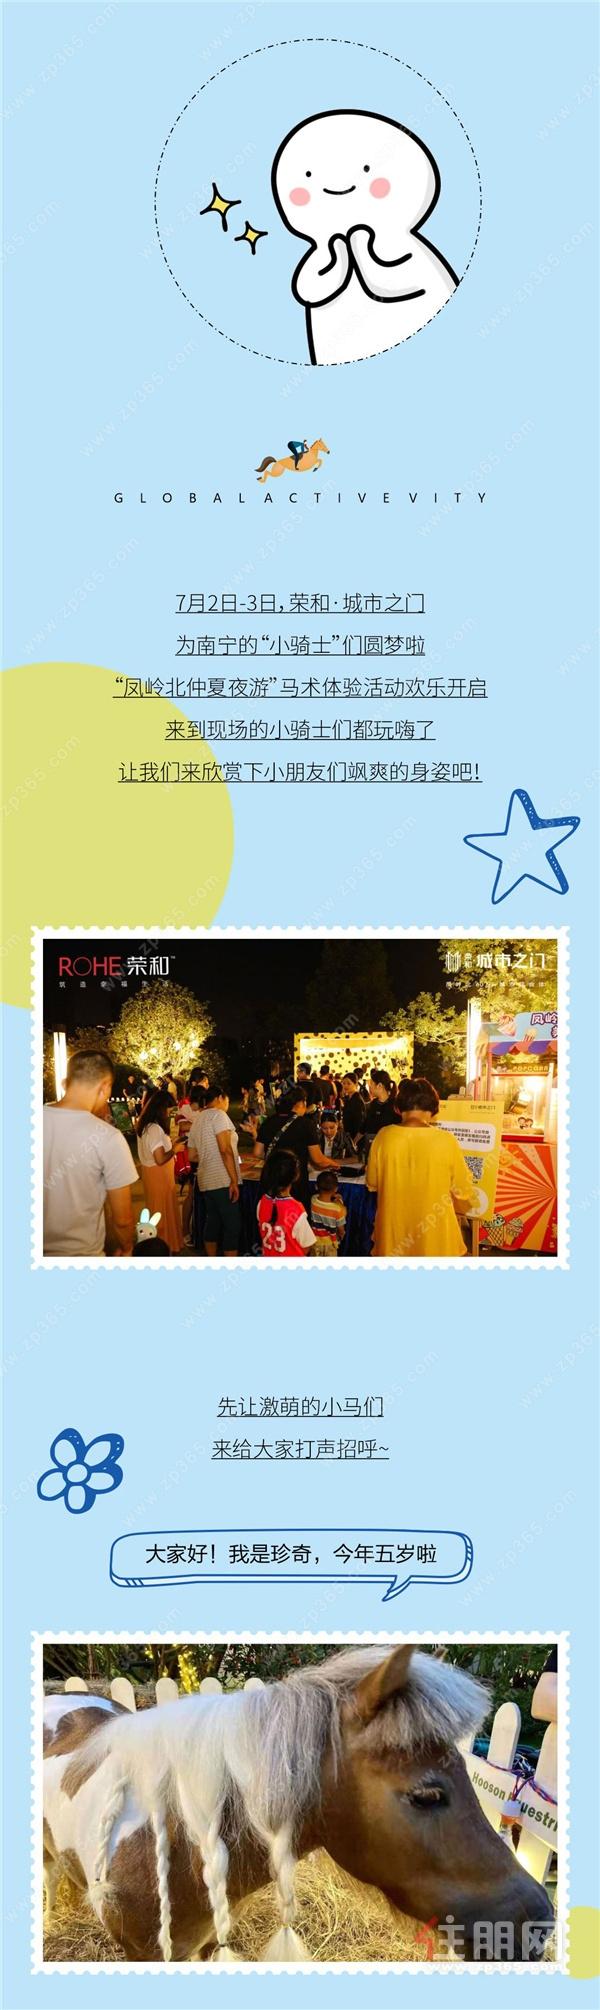 """荣和城市之门——""""凤岭北仲夏夜游""""马术体验活动欢乐开启"""